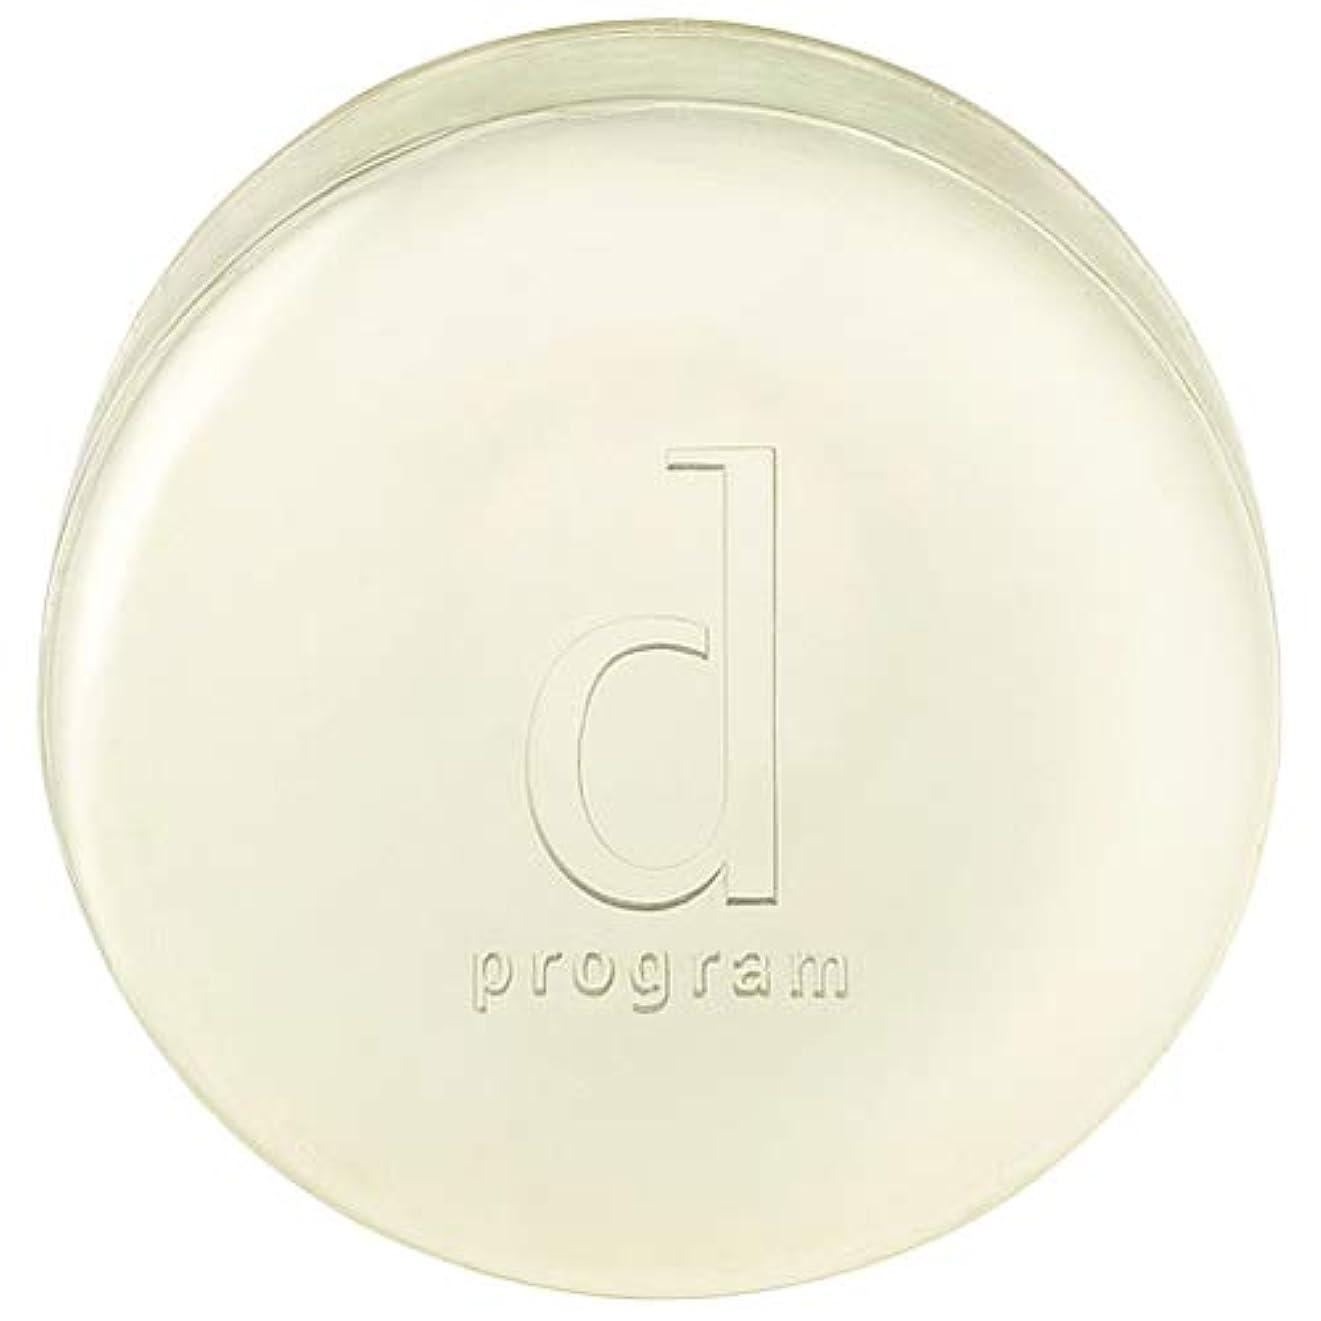 杭バンドル排除d program 資生堂 コンディショニングソープ 100g [366202] [並行輸入品]